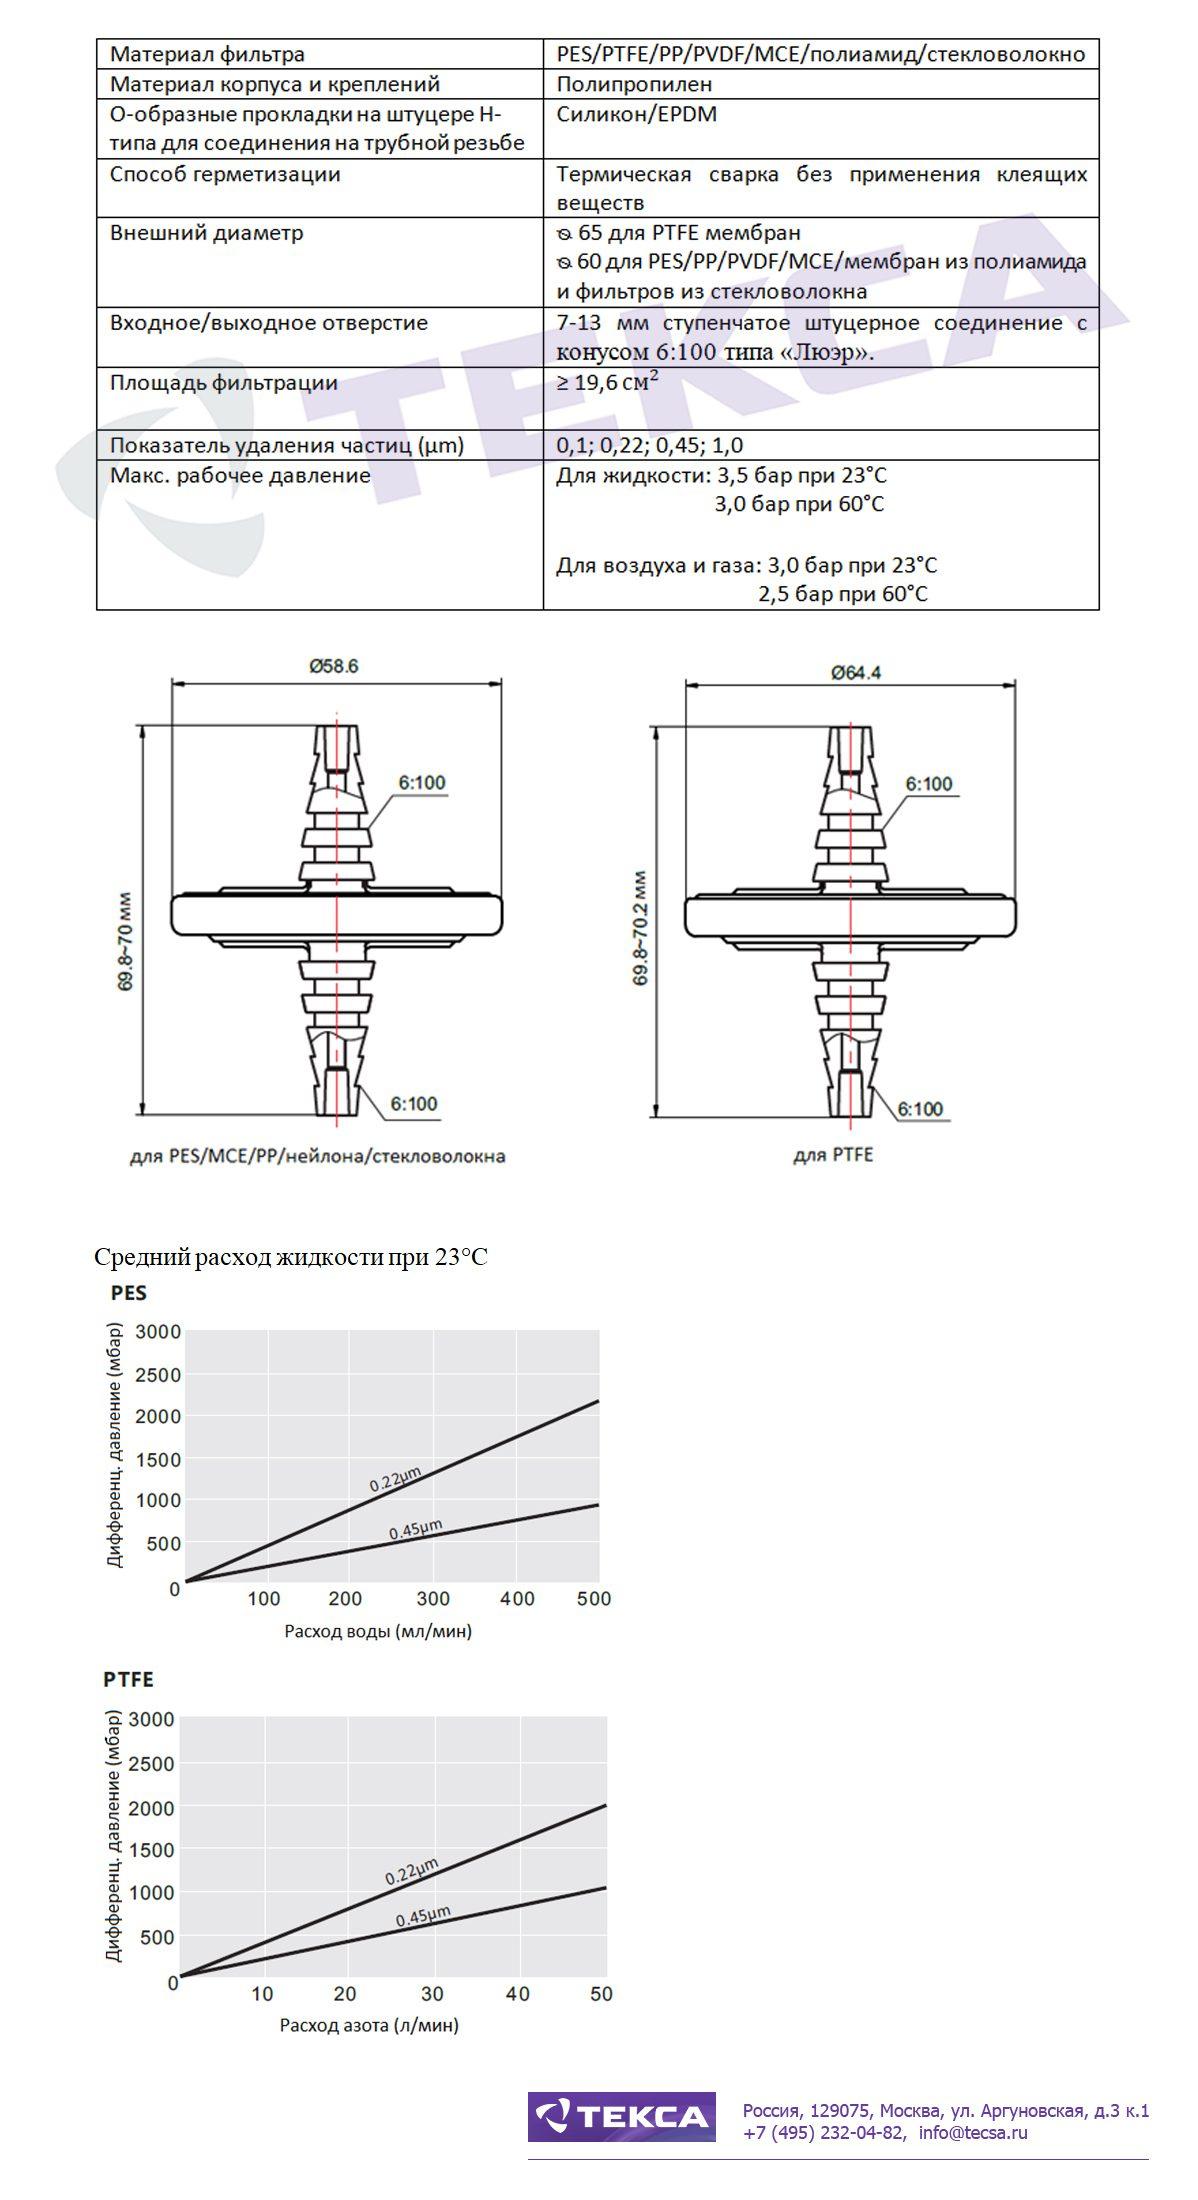 Технические характеристики шприцевых фильтров серии F5P